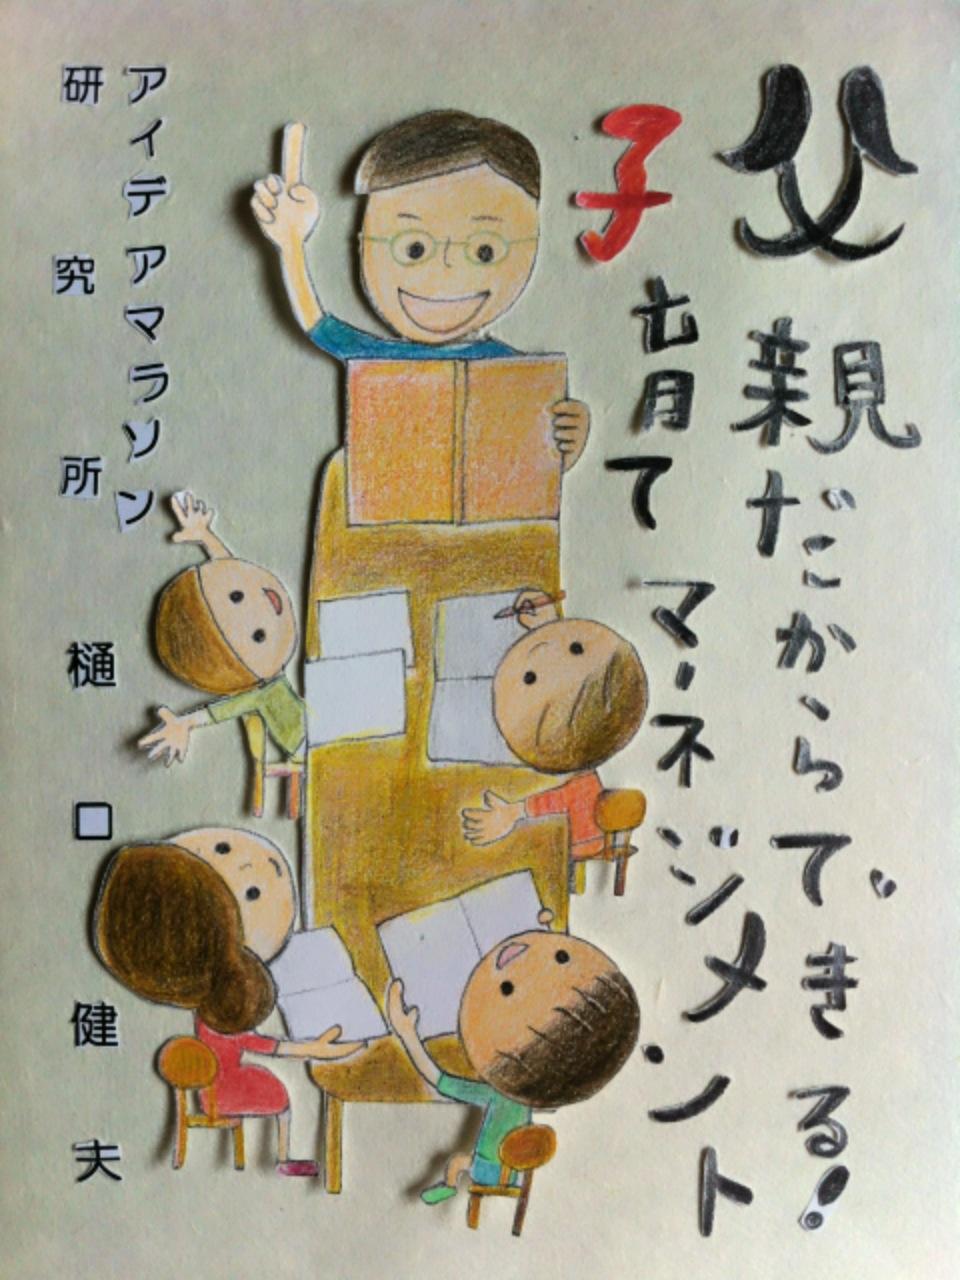 2013-08-21 父でき 表紙 忍作 image.jpeg